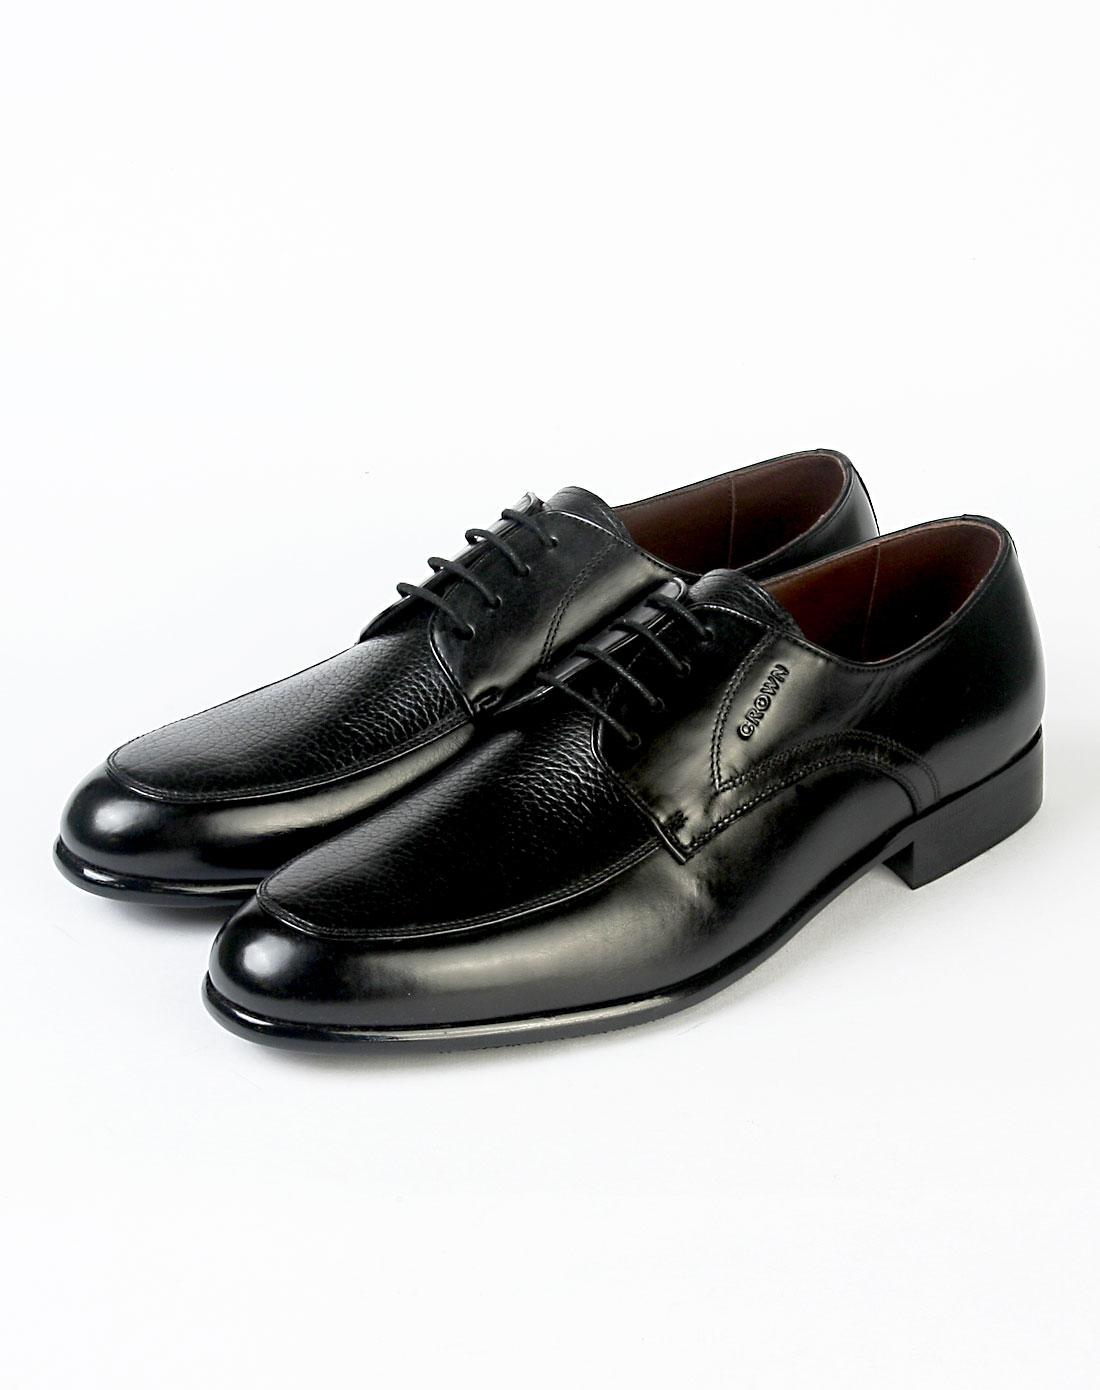 皇冠crown男款黑色单鞋12210088